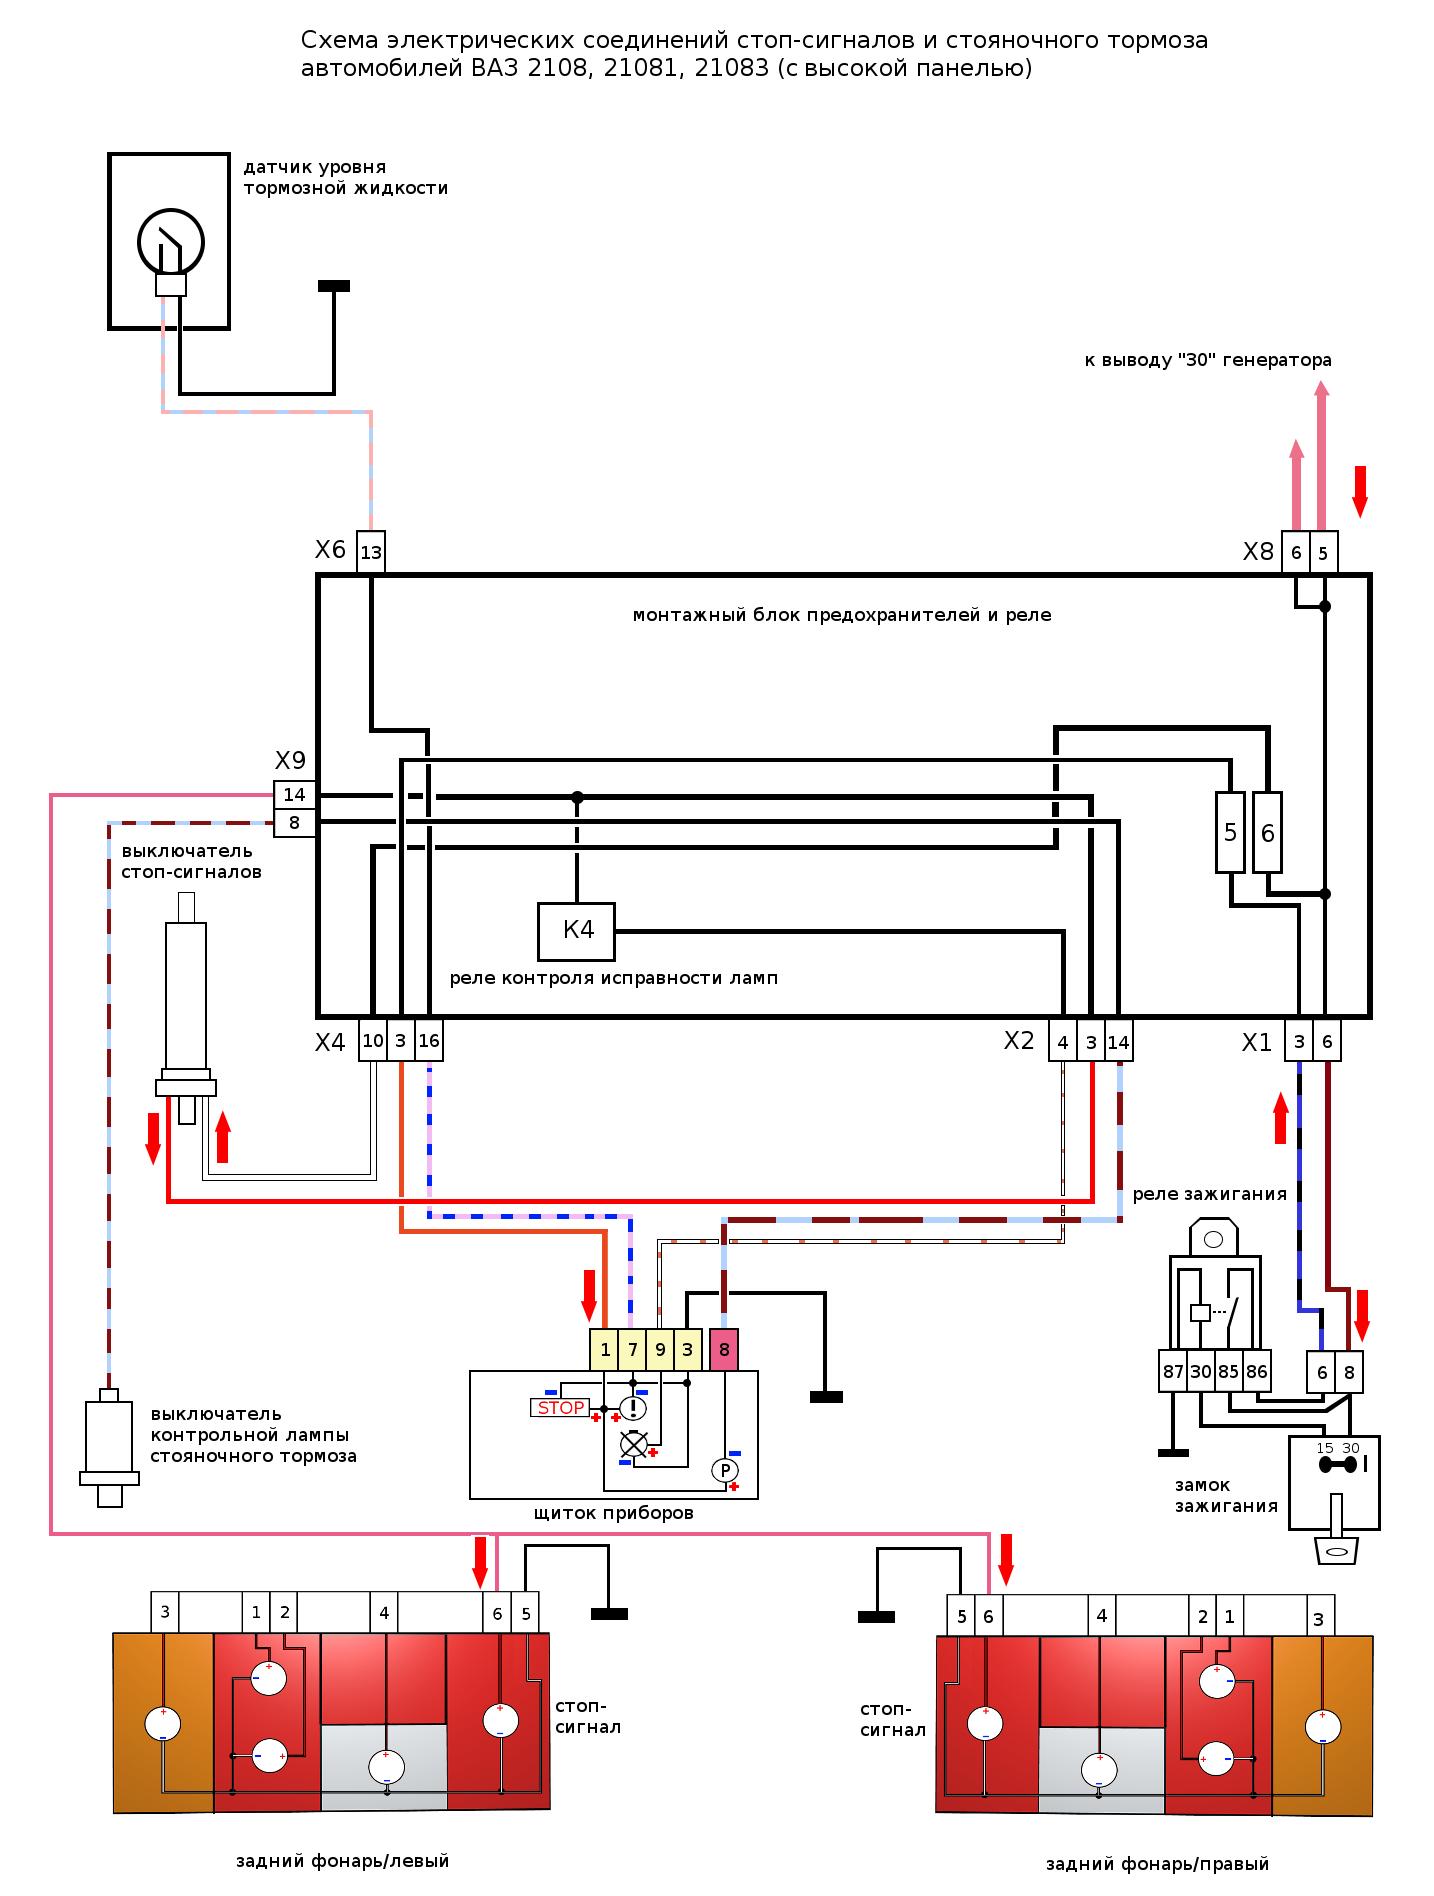 Электрическая схема габаритов 2109